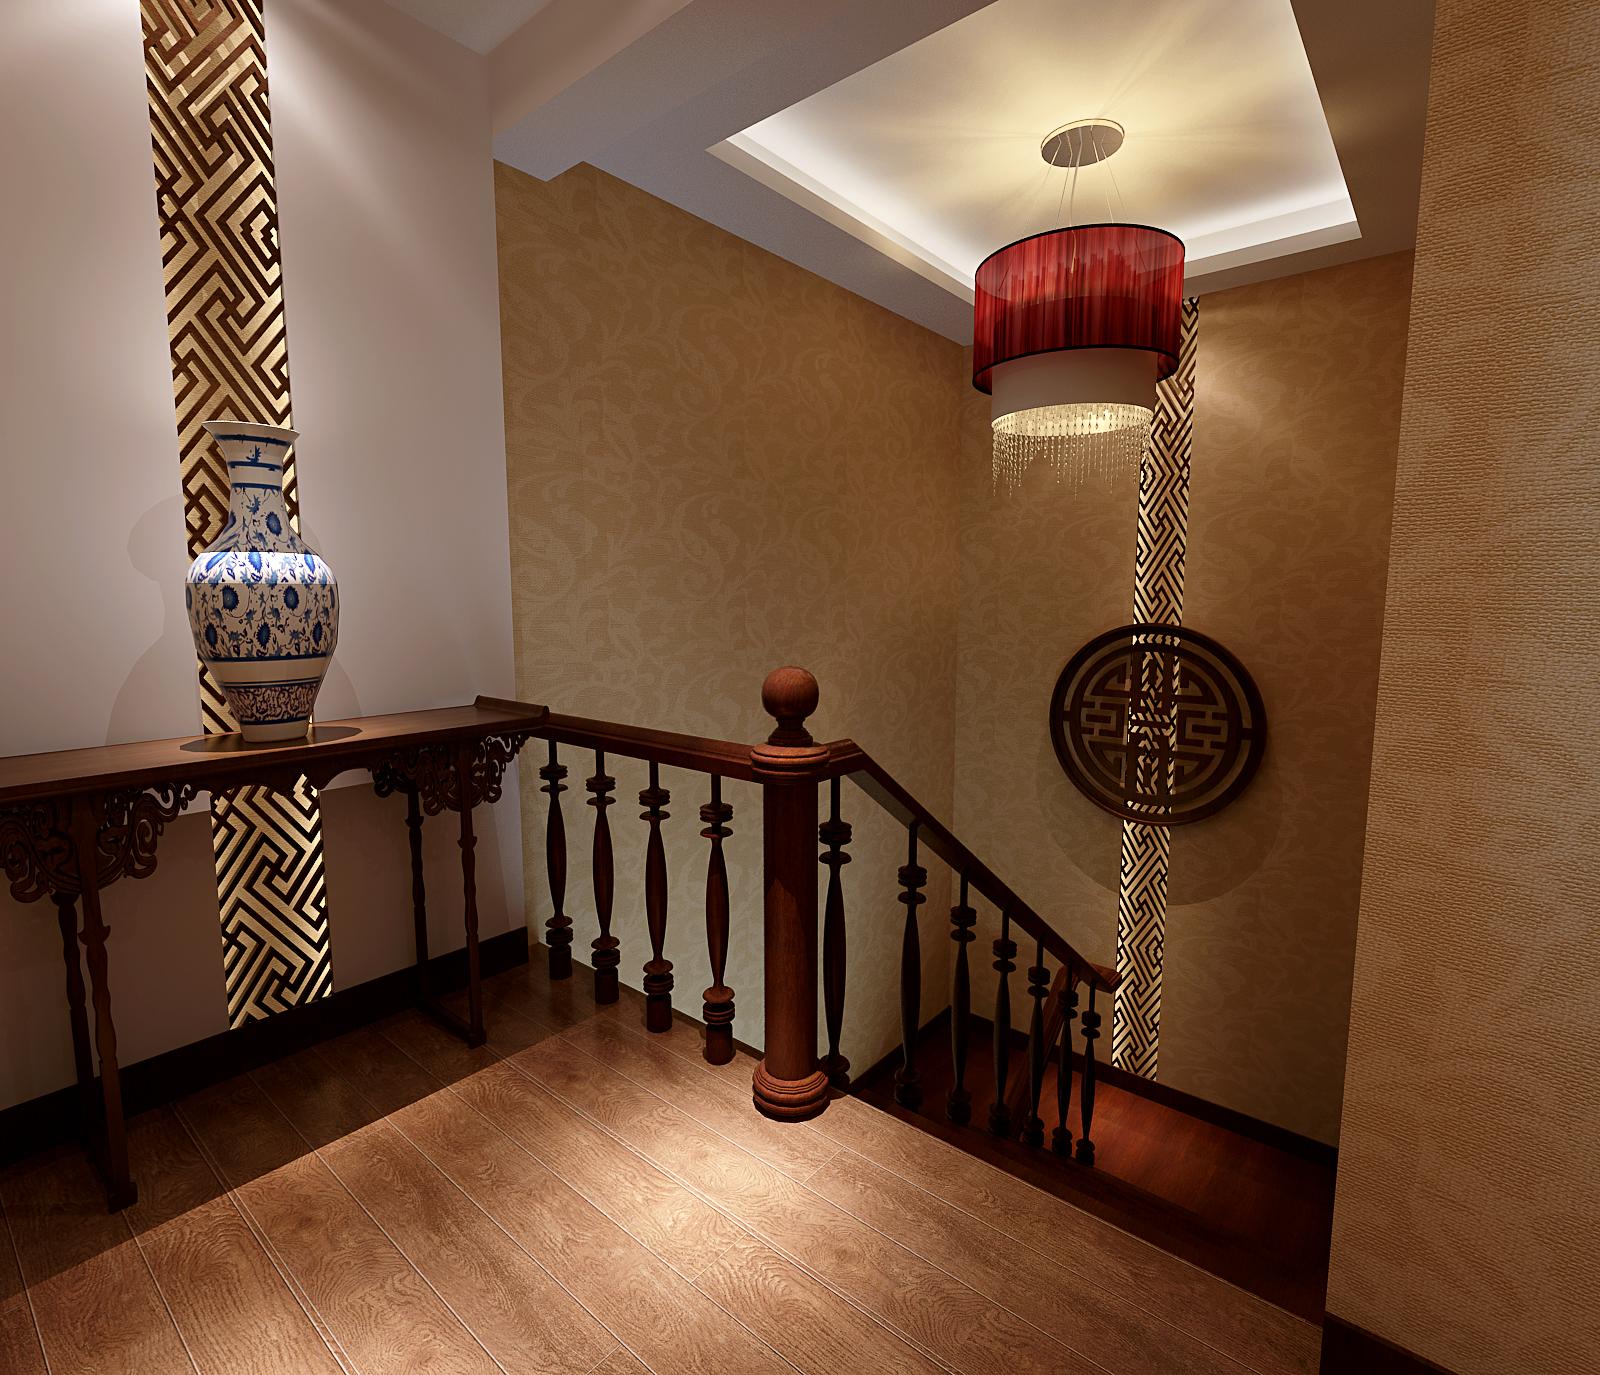 新中式 大三居 三居室装修 装修公司 实创 环保装修 萌装修 清新风格 小清新 楼梯图片来自北京实创装饰在碧湖居九号公寓的分享